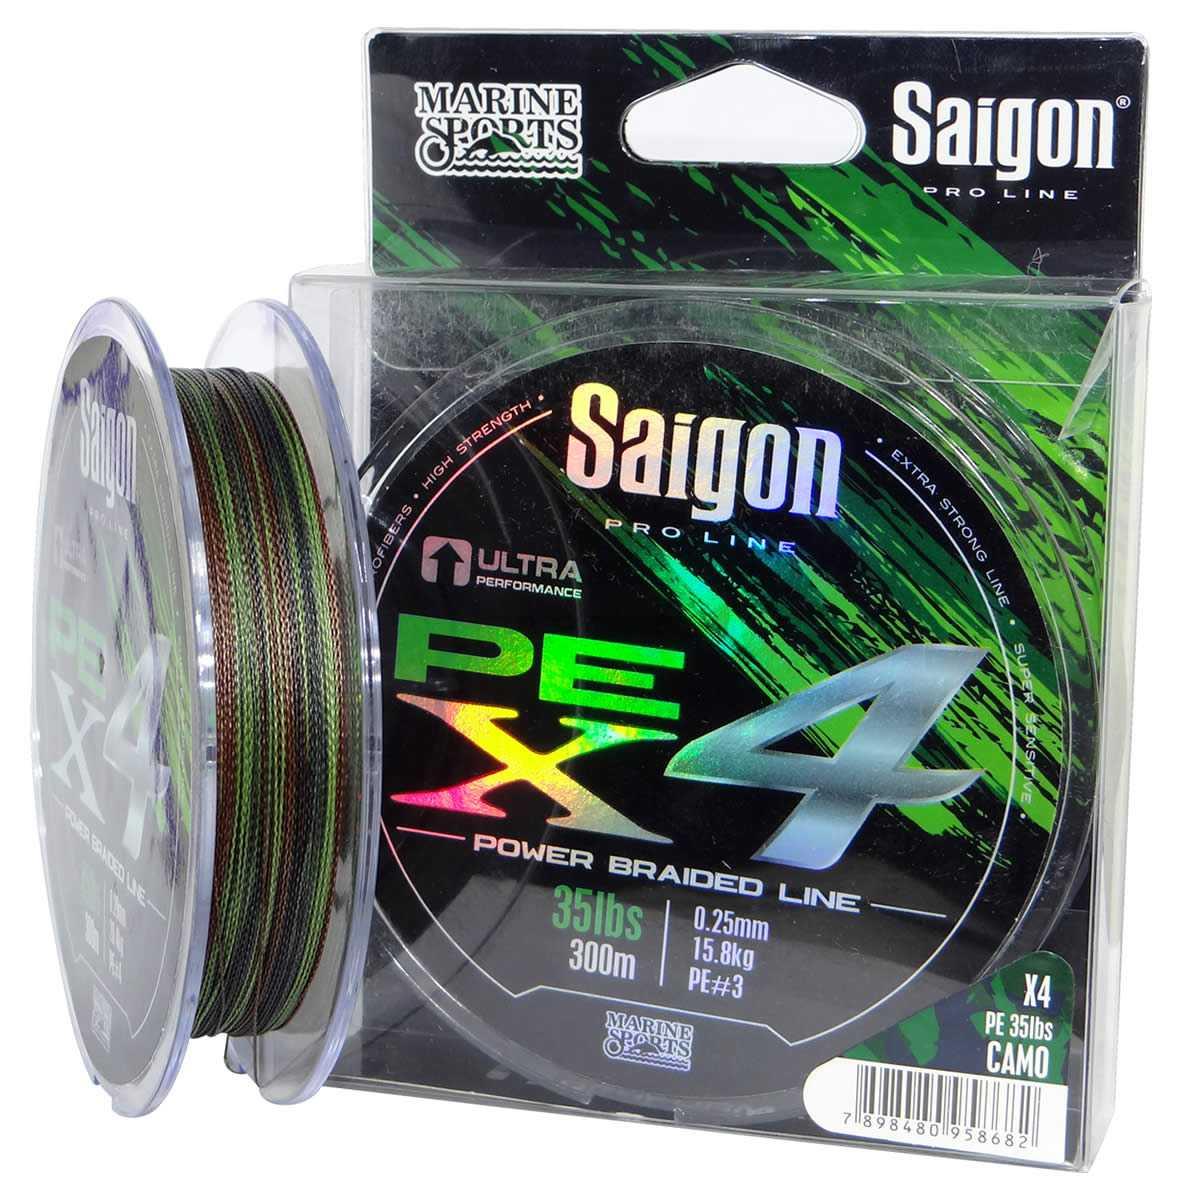 Linha Saigon Pro Line Multifilamento x4 0,29mm 45Lbs/20kg - 150 Metros